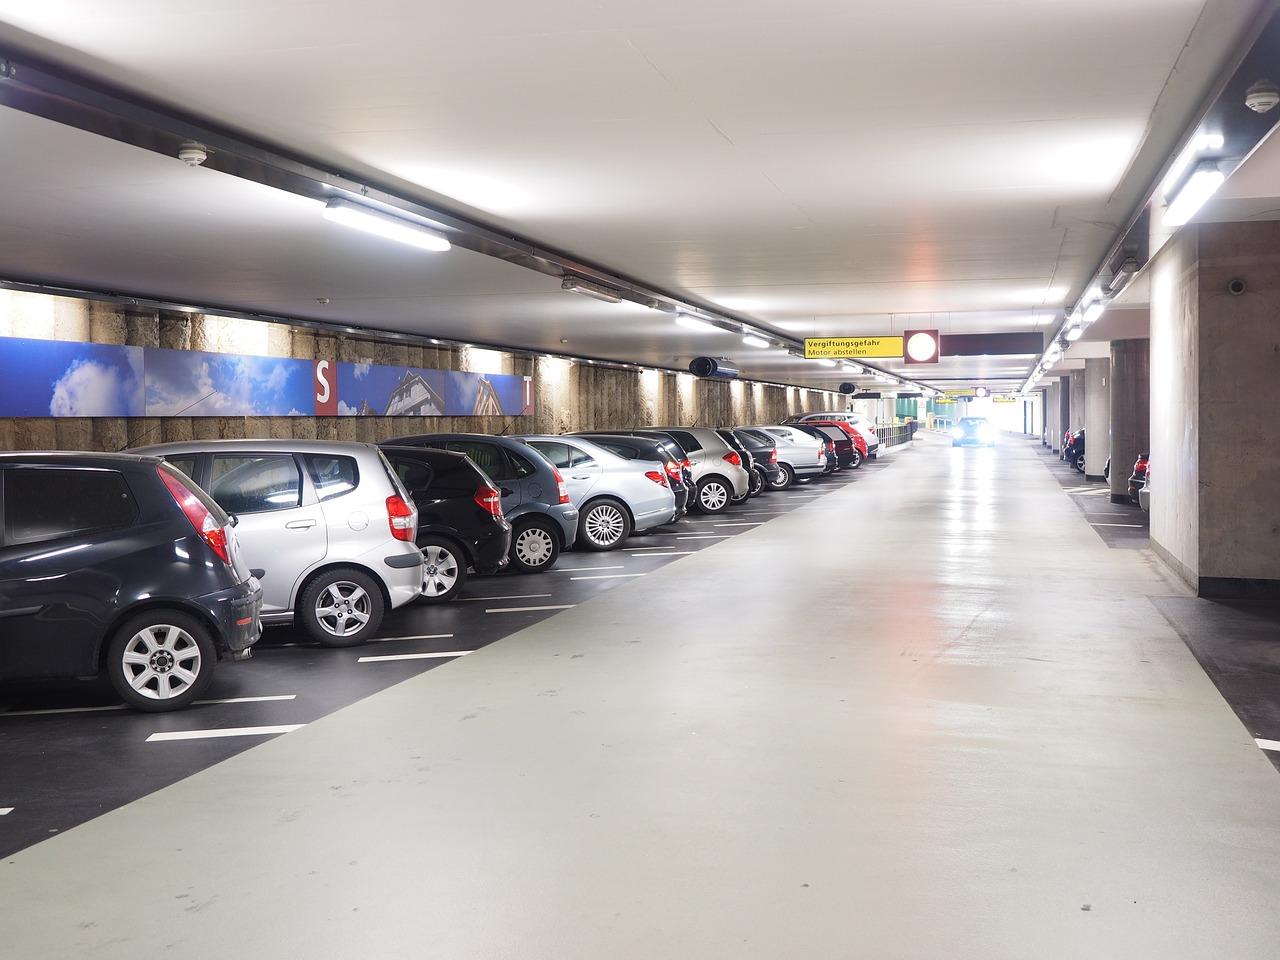 ¿Conoces estos 6 Tipos de asistentes de aparcamiento?